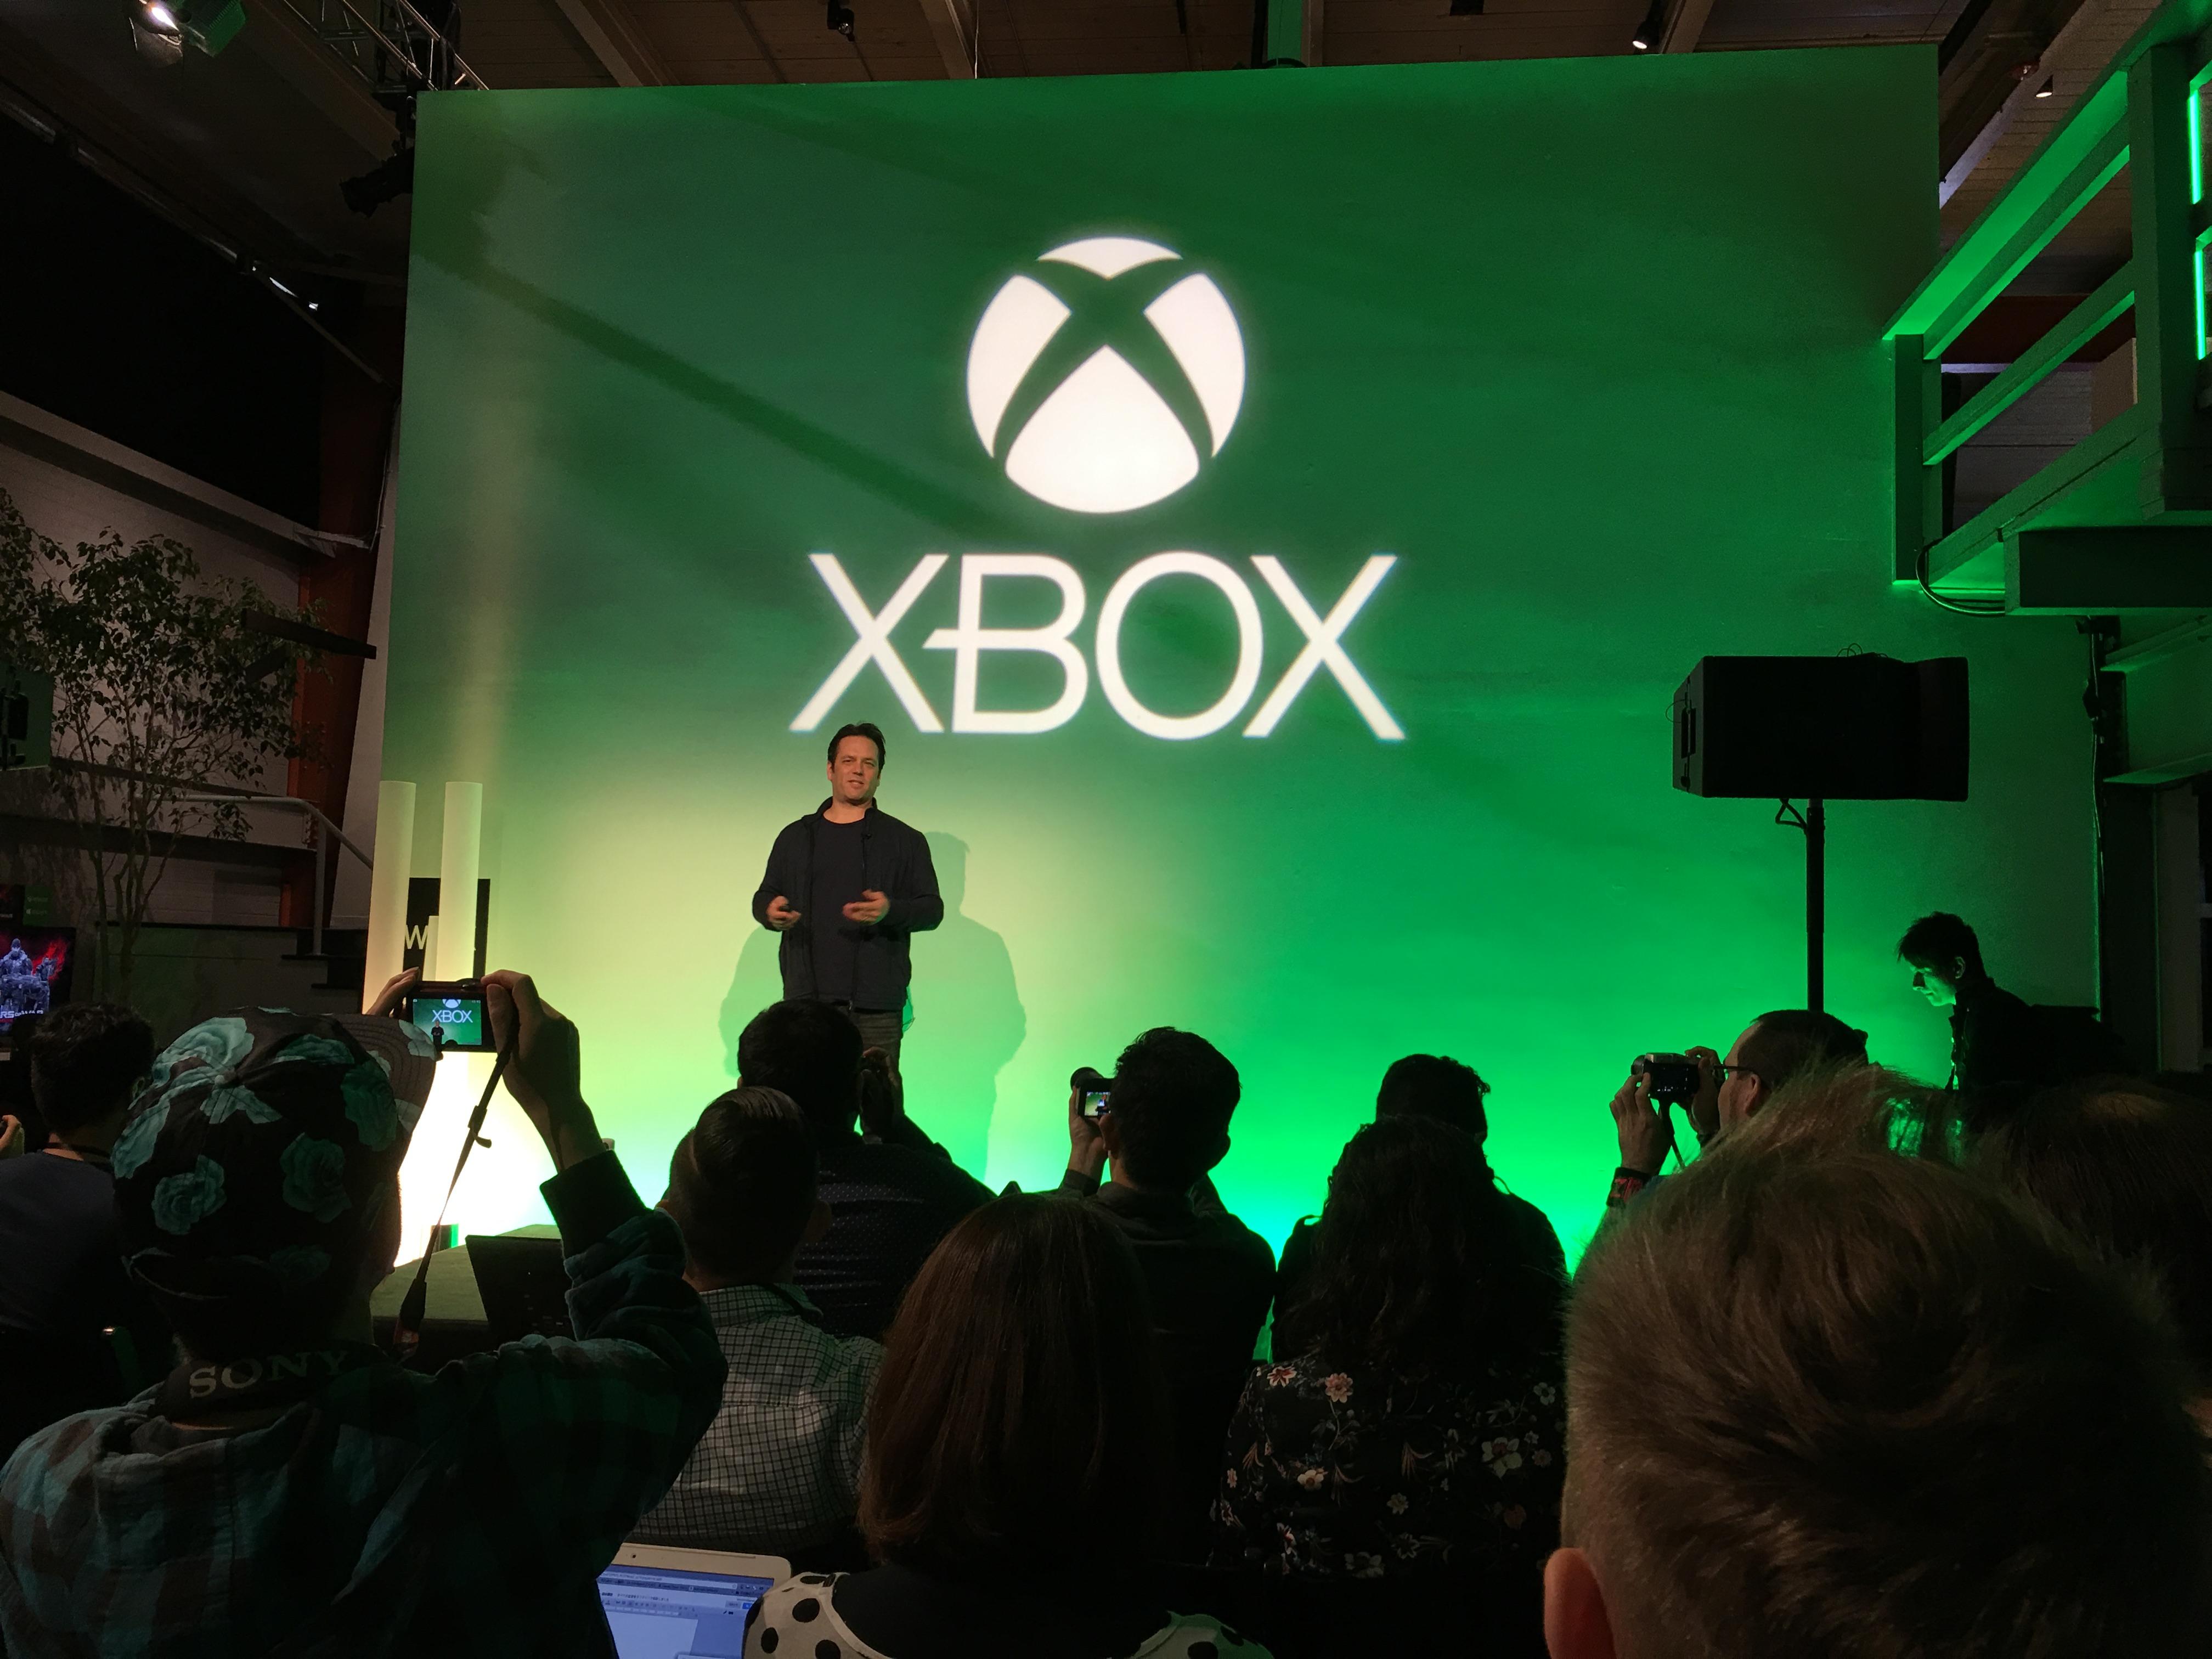 Det forventes oppgraderte Playstation- og Xbox-konsoller senere i år. Bildet er fra Xbox Spring Event forrige måned der Phil Spencer (avbildet) hintet til ny Xbox-maskinvare.